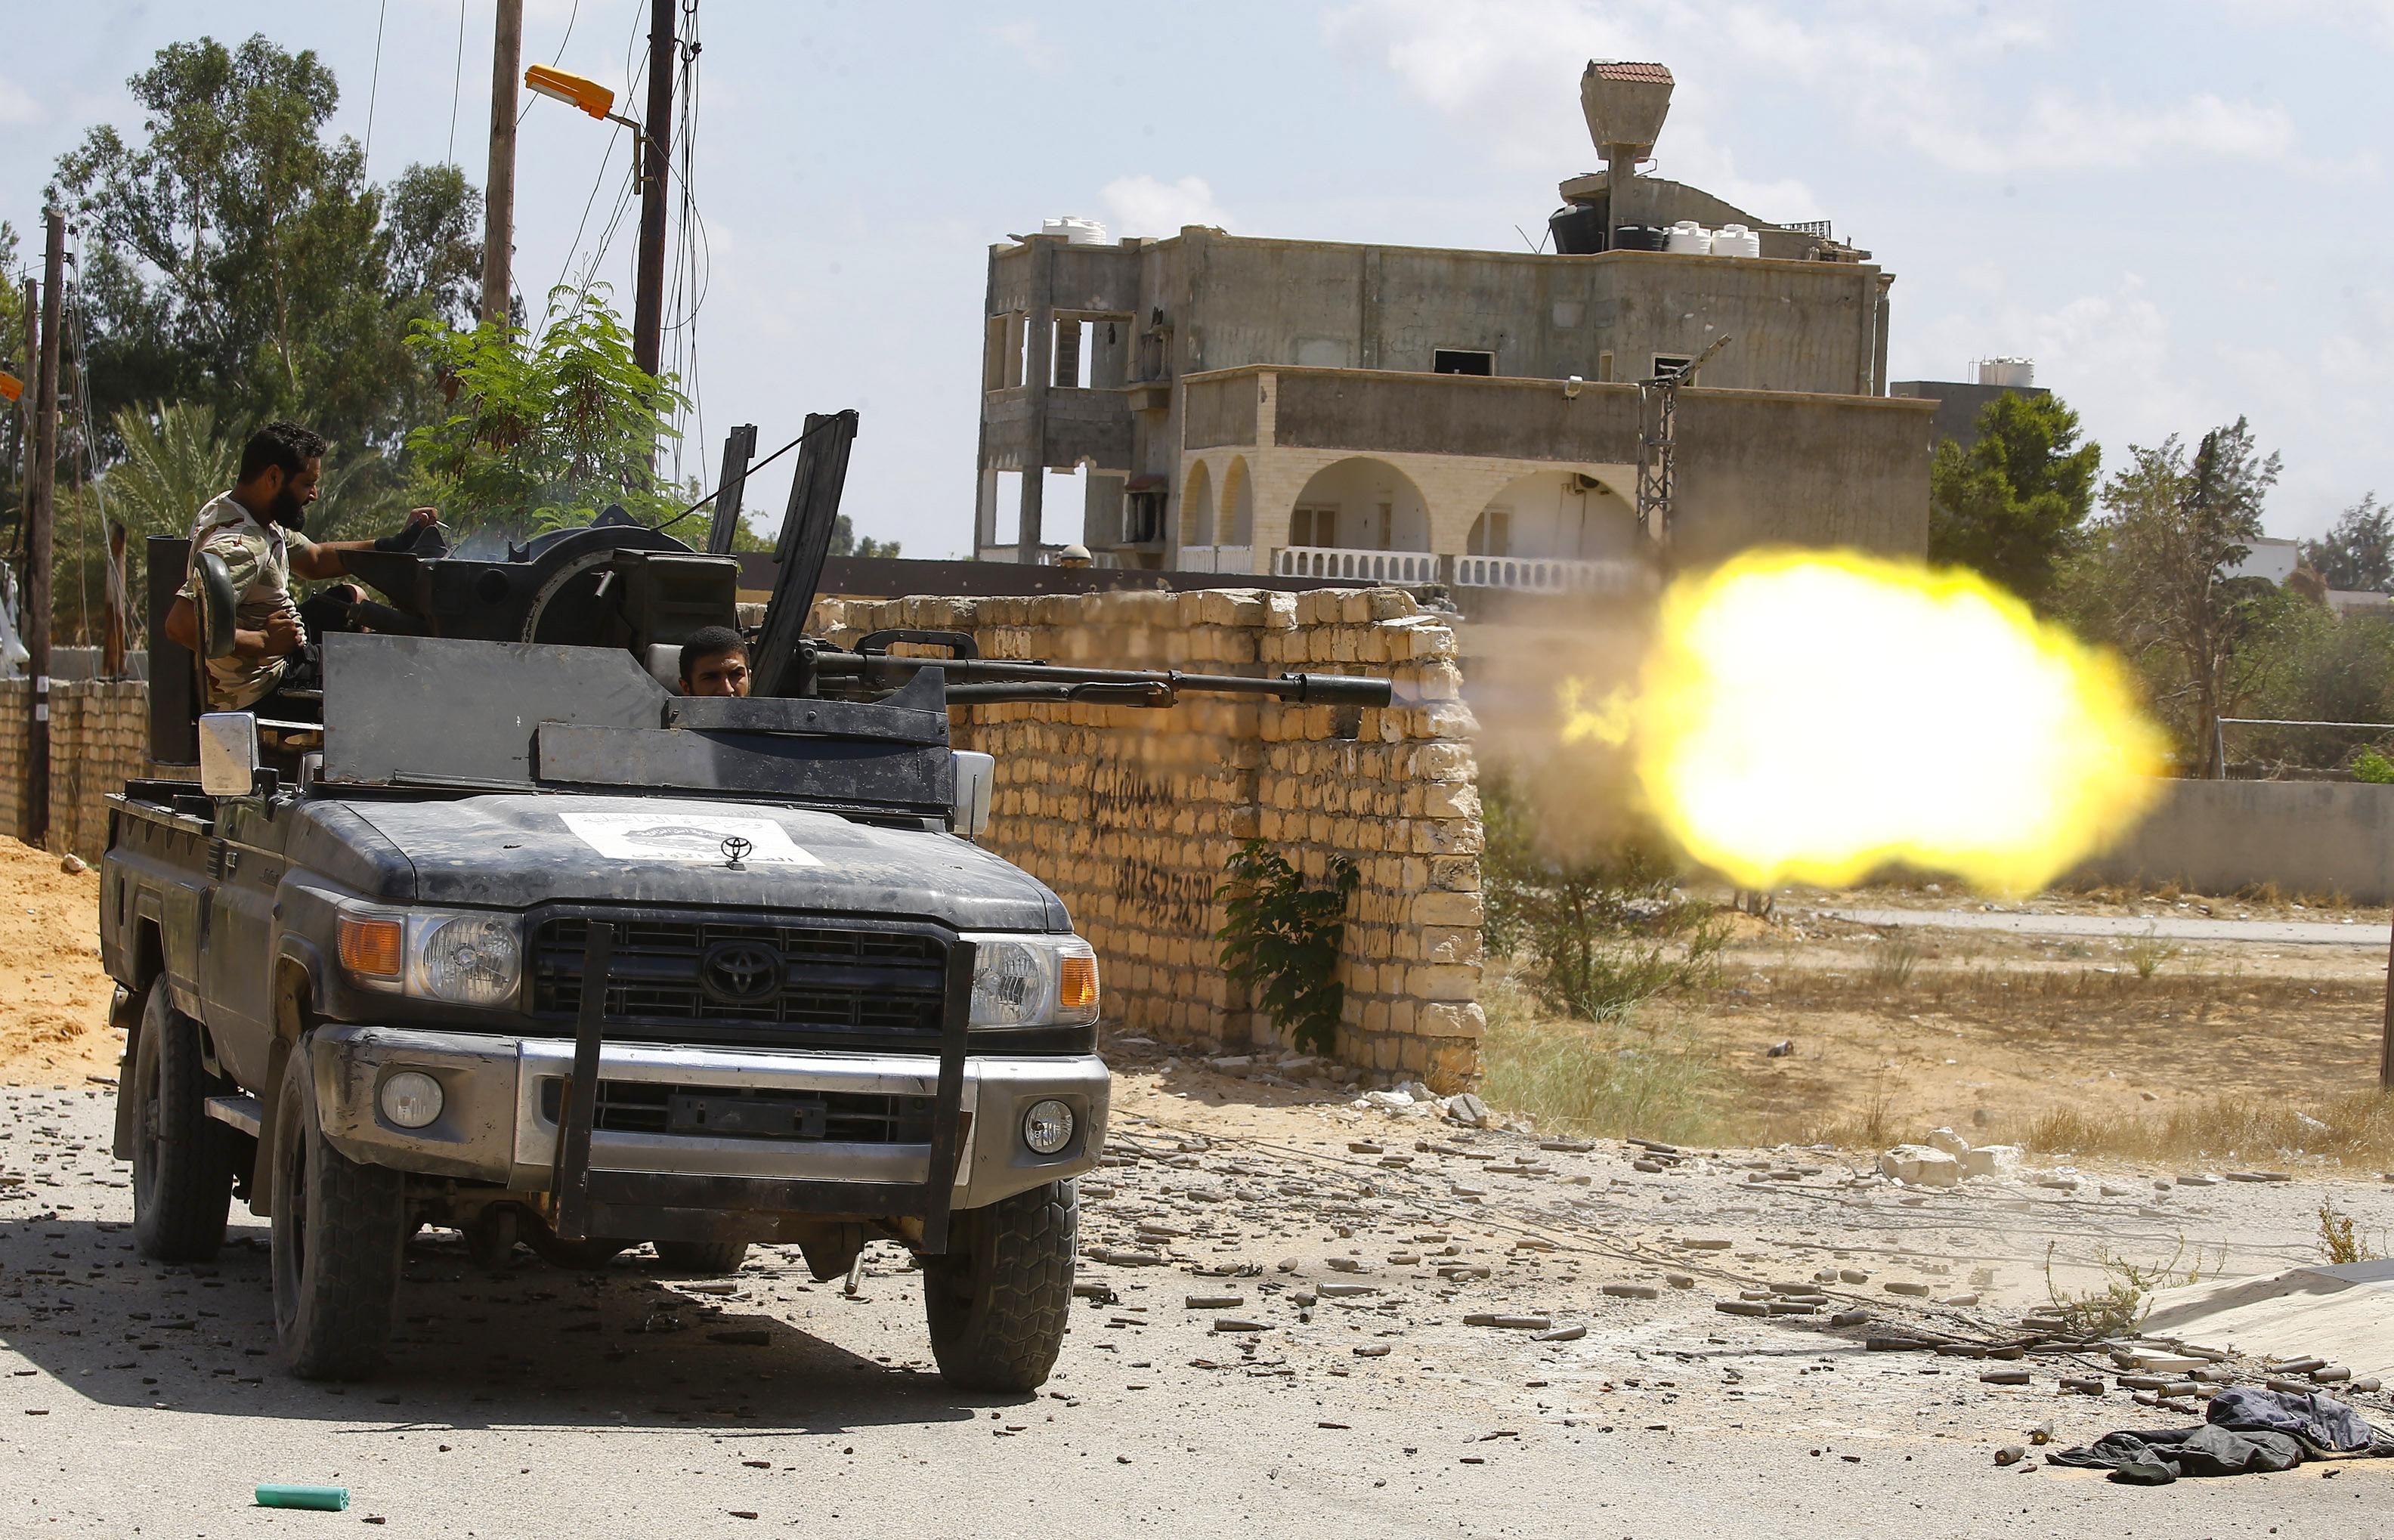 A Pentagon szerint a Wagner Group orosz zsoldosai aláaknázták Tripoli környékét